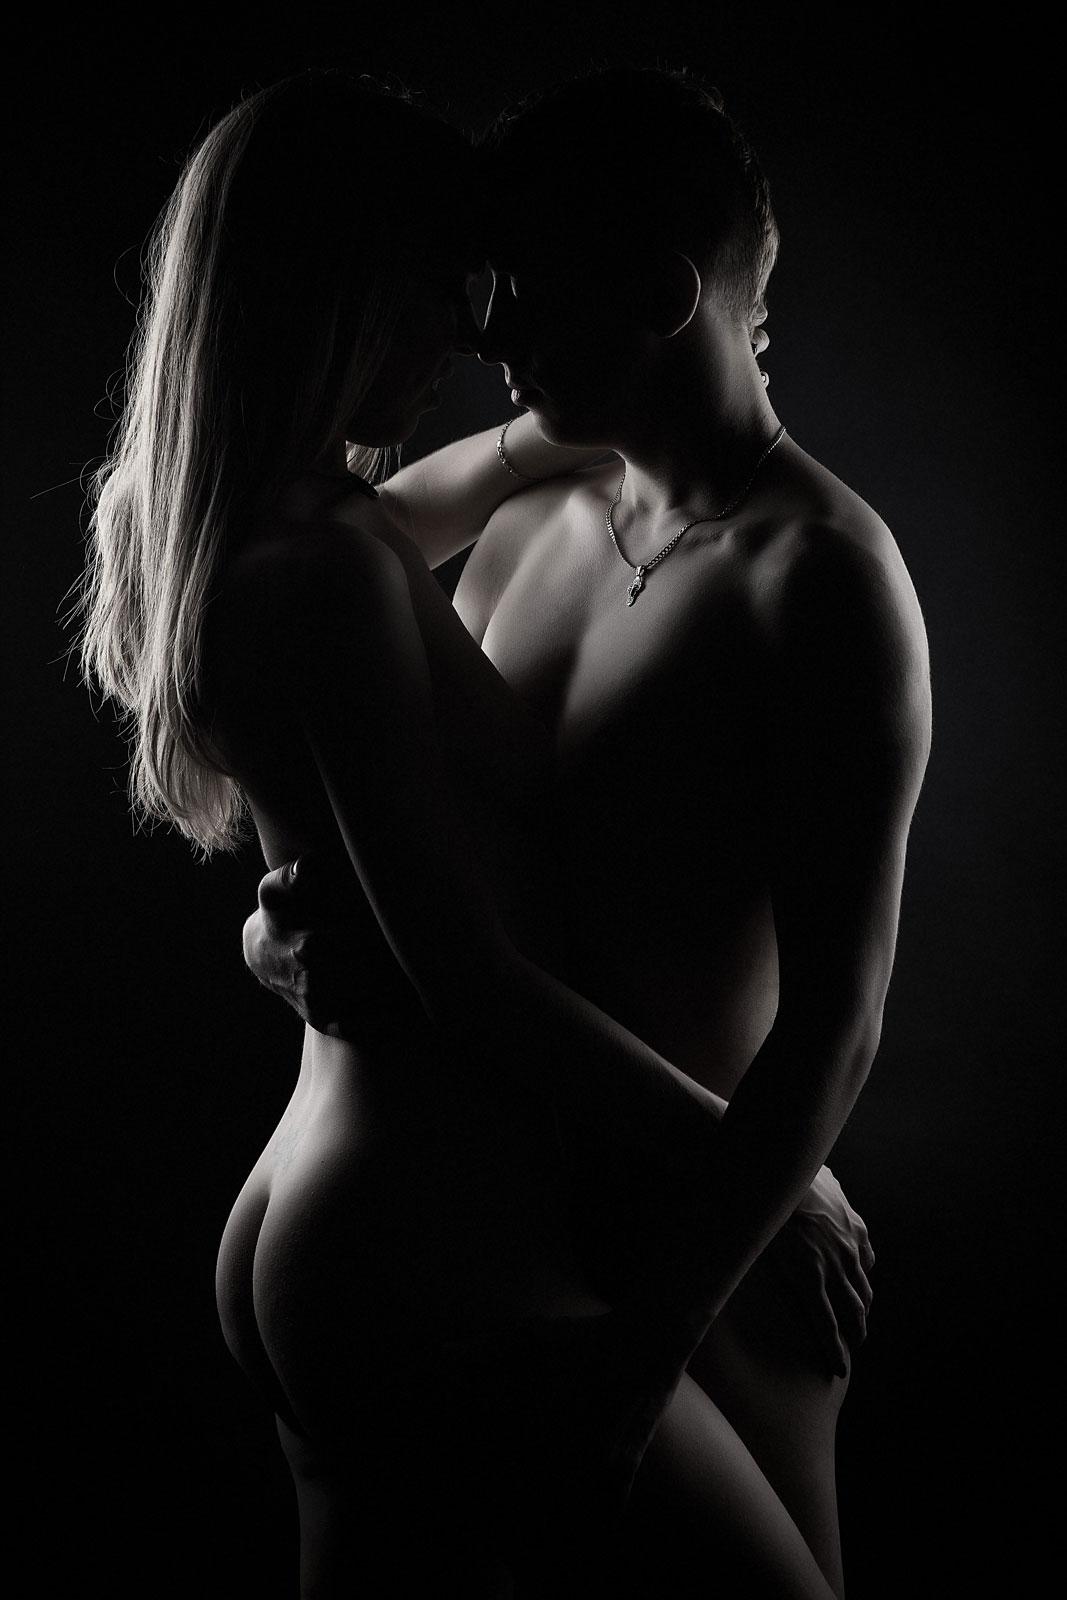 Парная сексуальная фотосессия